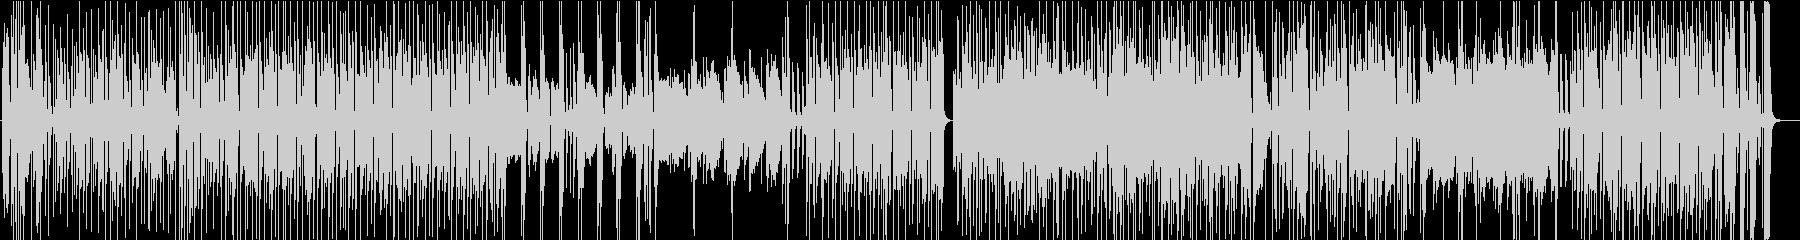 ポップでファンキーなサックス曲の未再生の波形